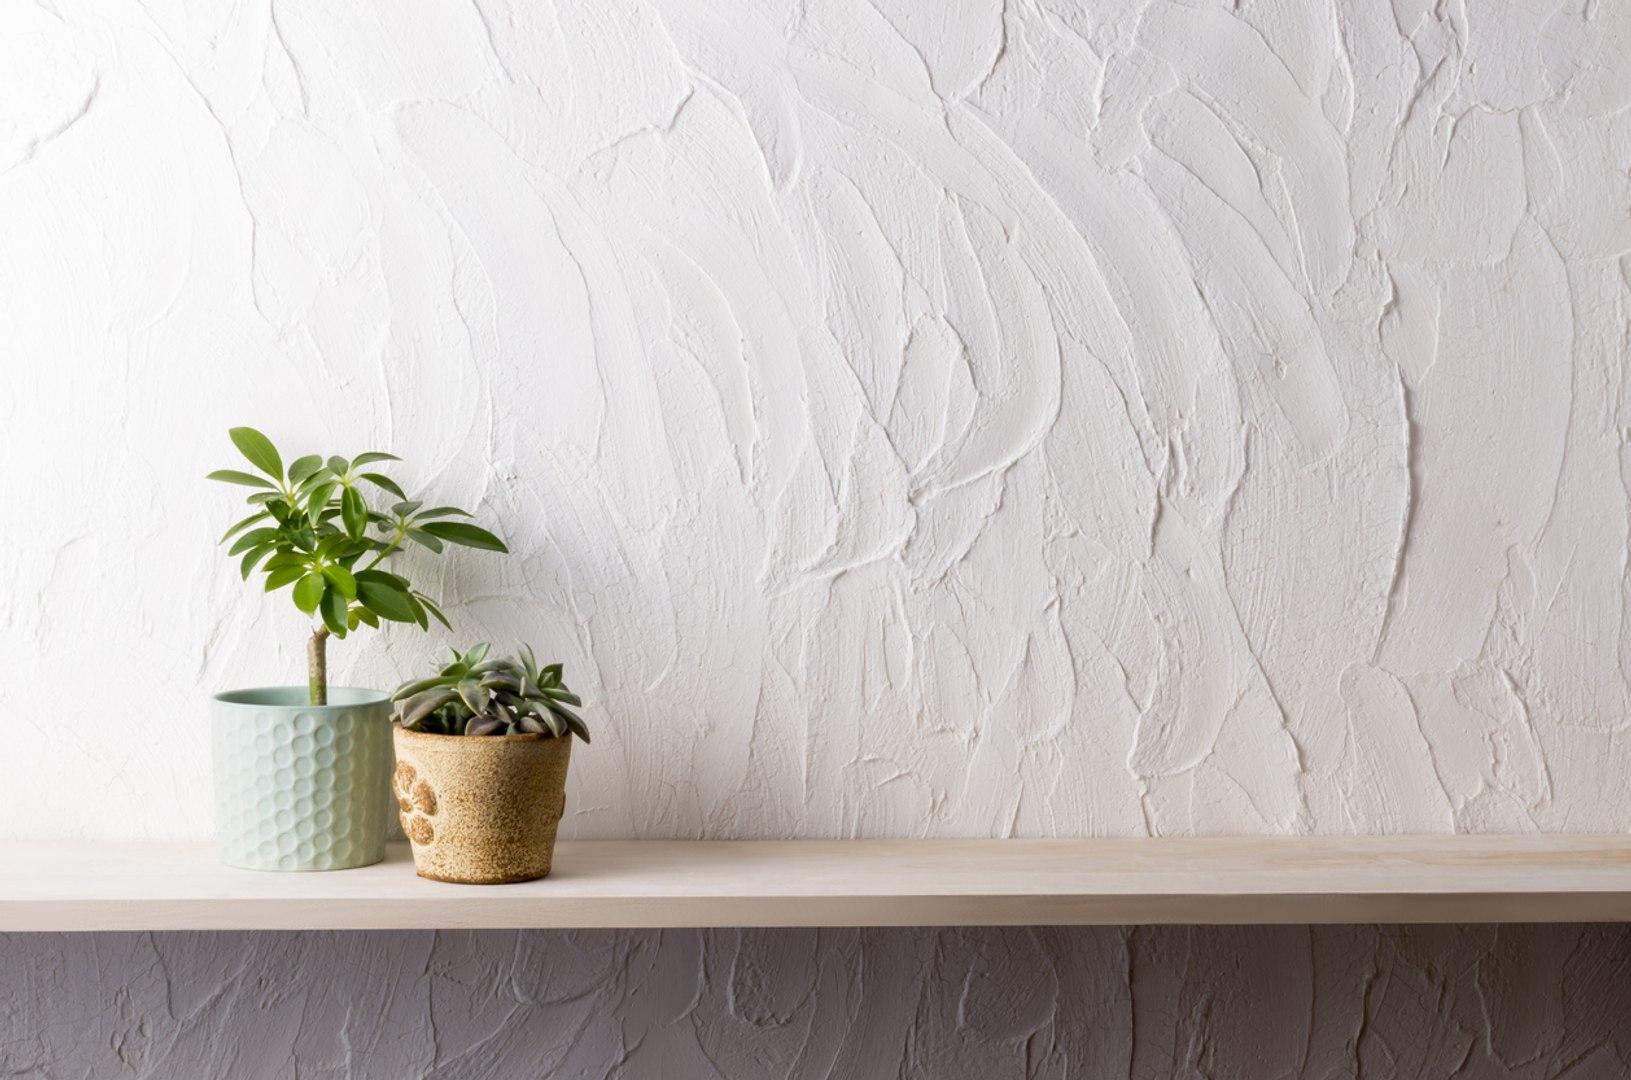 Fabriquer Etagere A Epice comment fabriquer une étagère murale ?